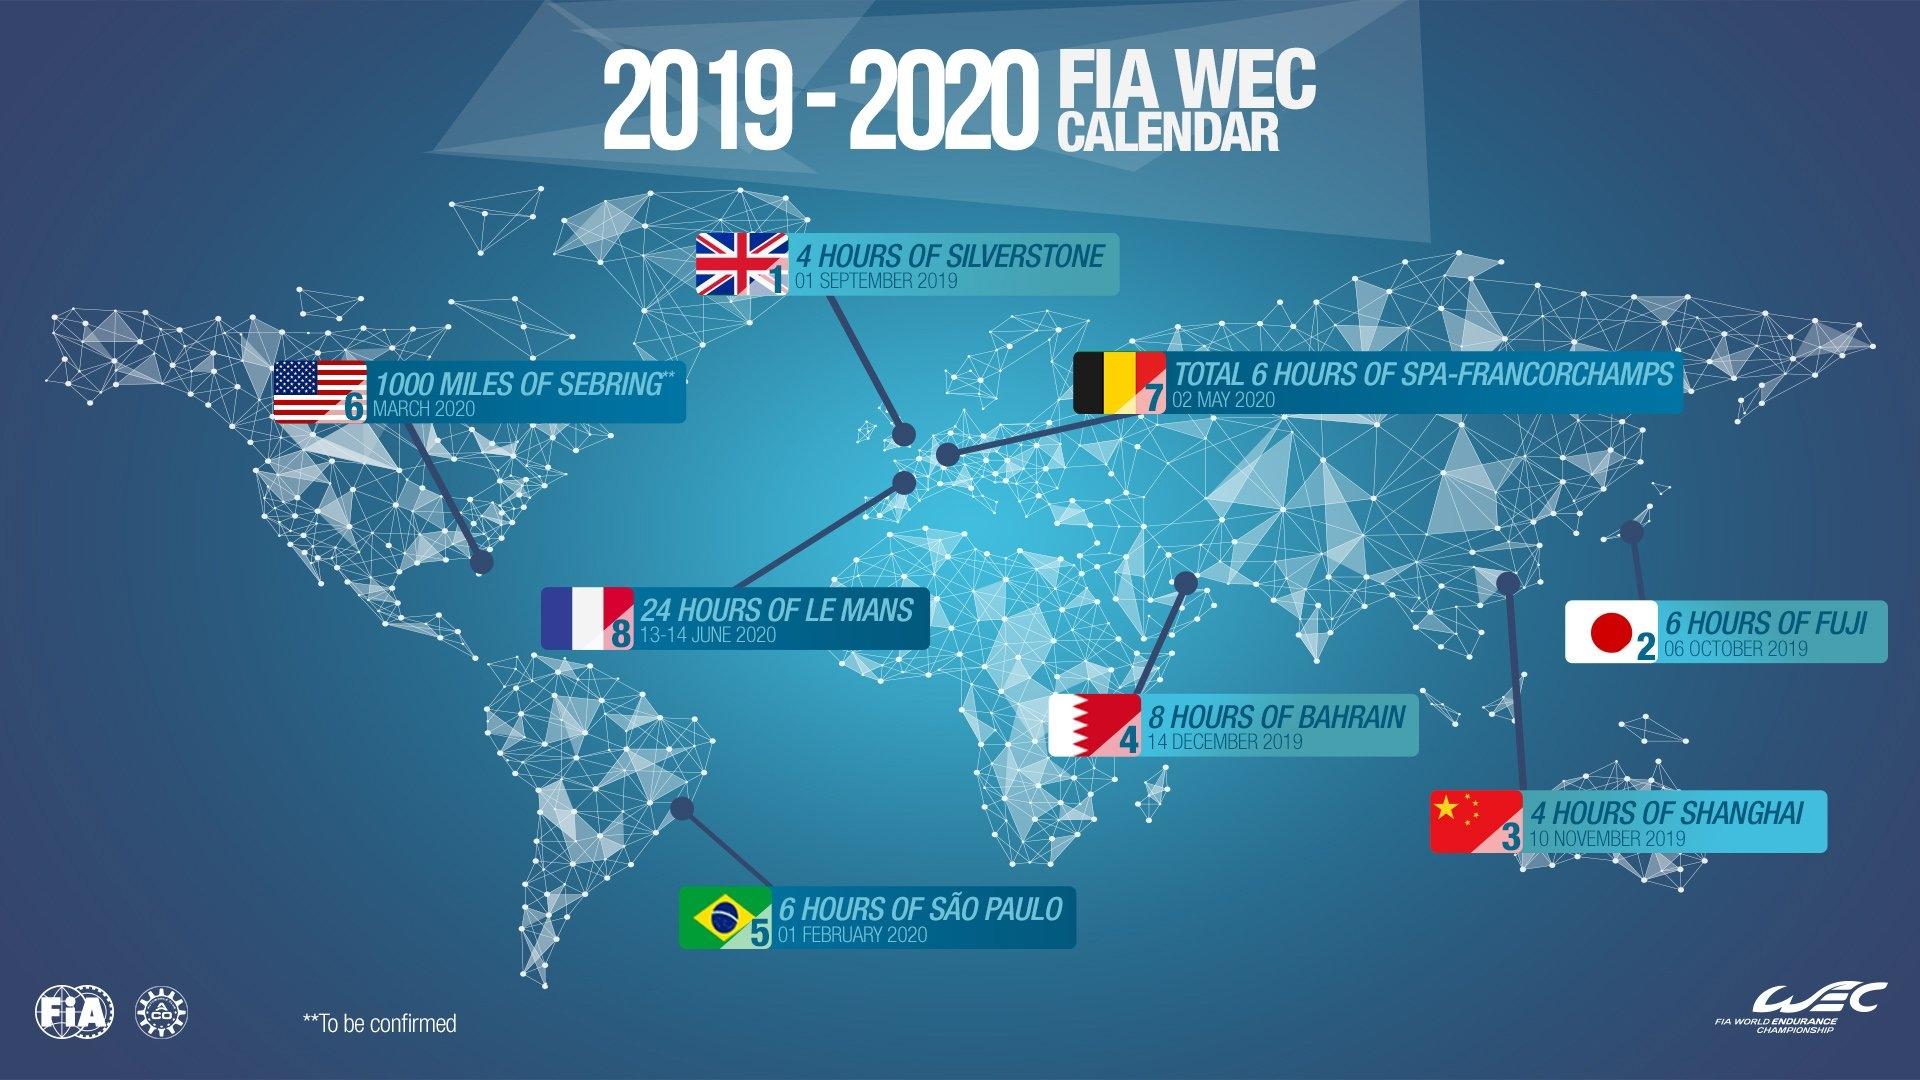 Wec - 2019/2020 Fia Wec Calendar Is Approved | Federation Formula E Calendar 2019